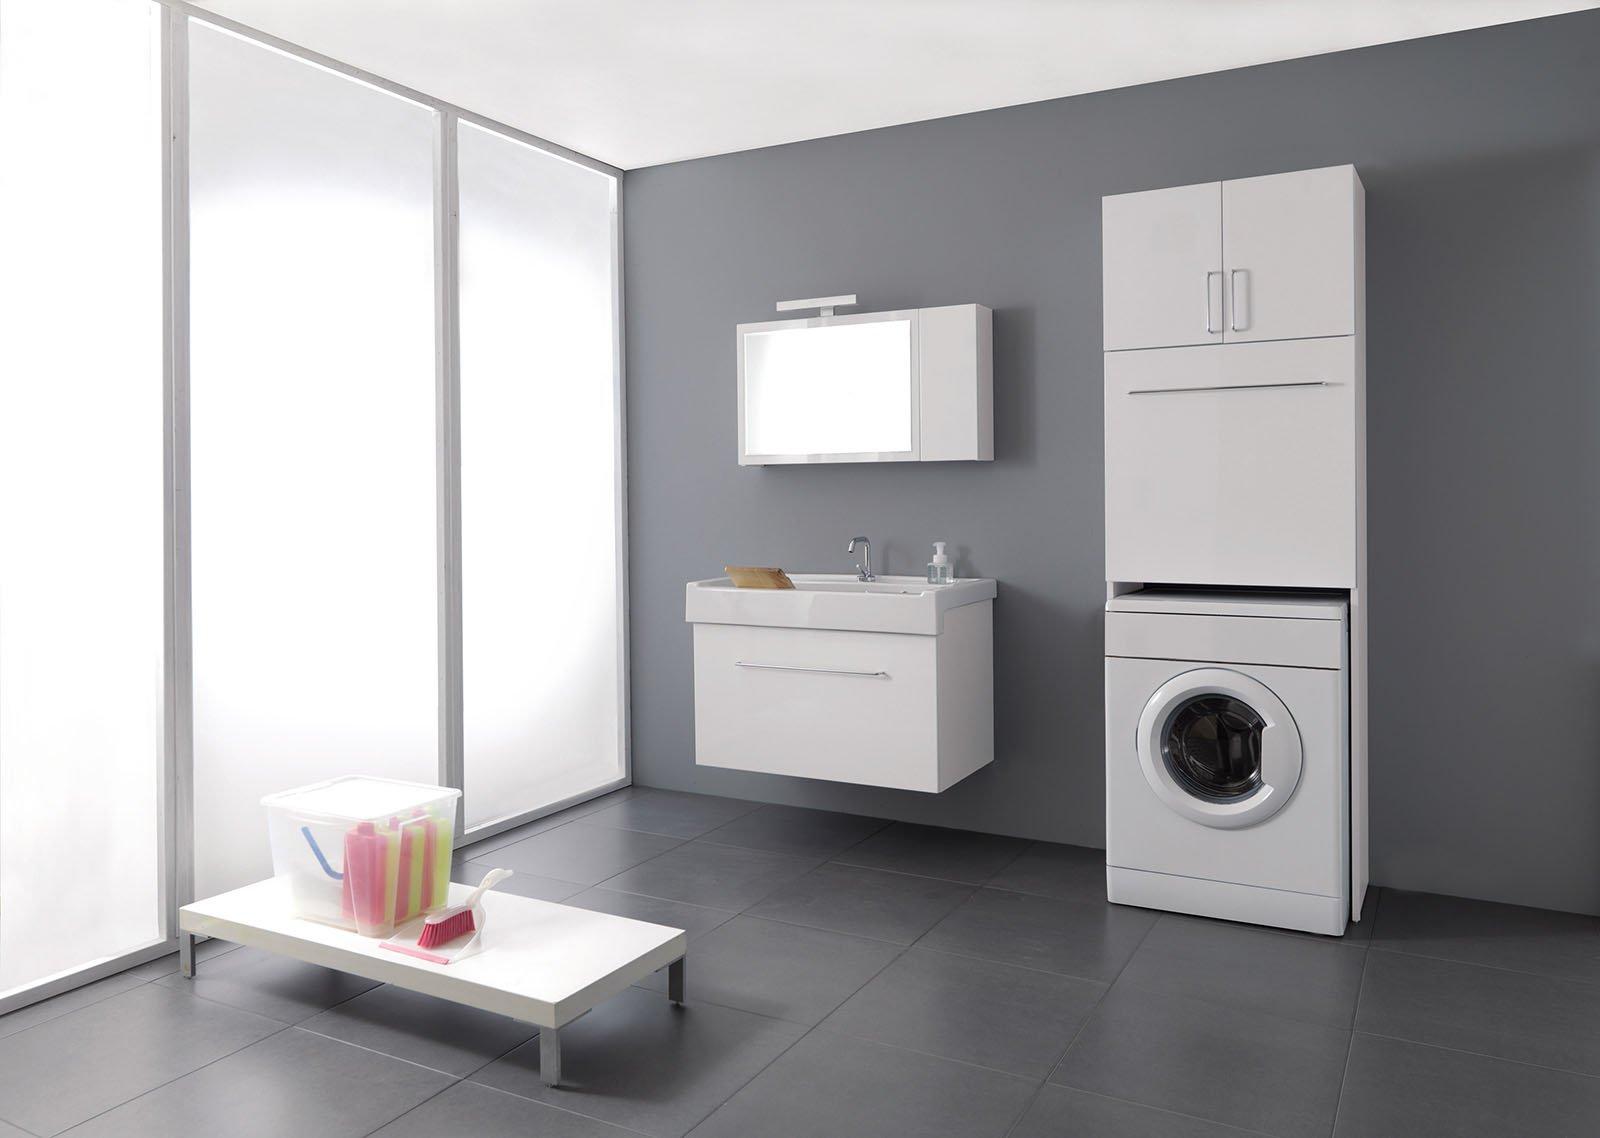 La lavanderia uno spazio per nascondere lavatrice e stendipanni cose di casa - Mobile nascondi lavatrice ikea ...